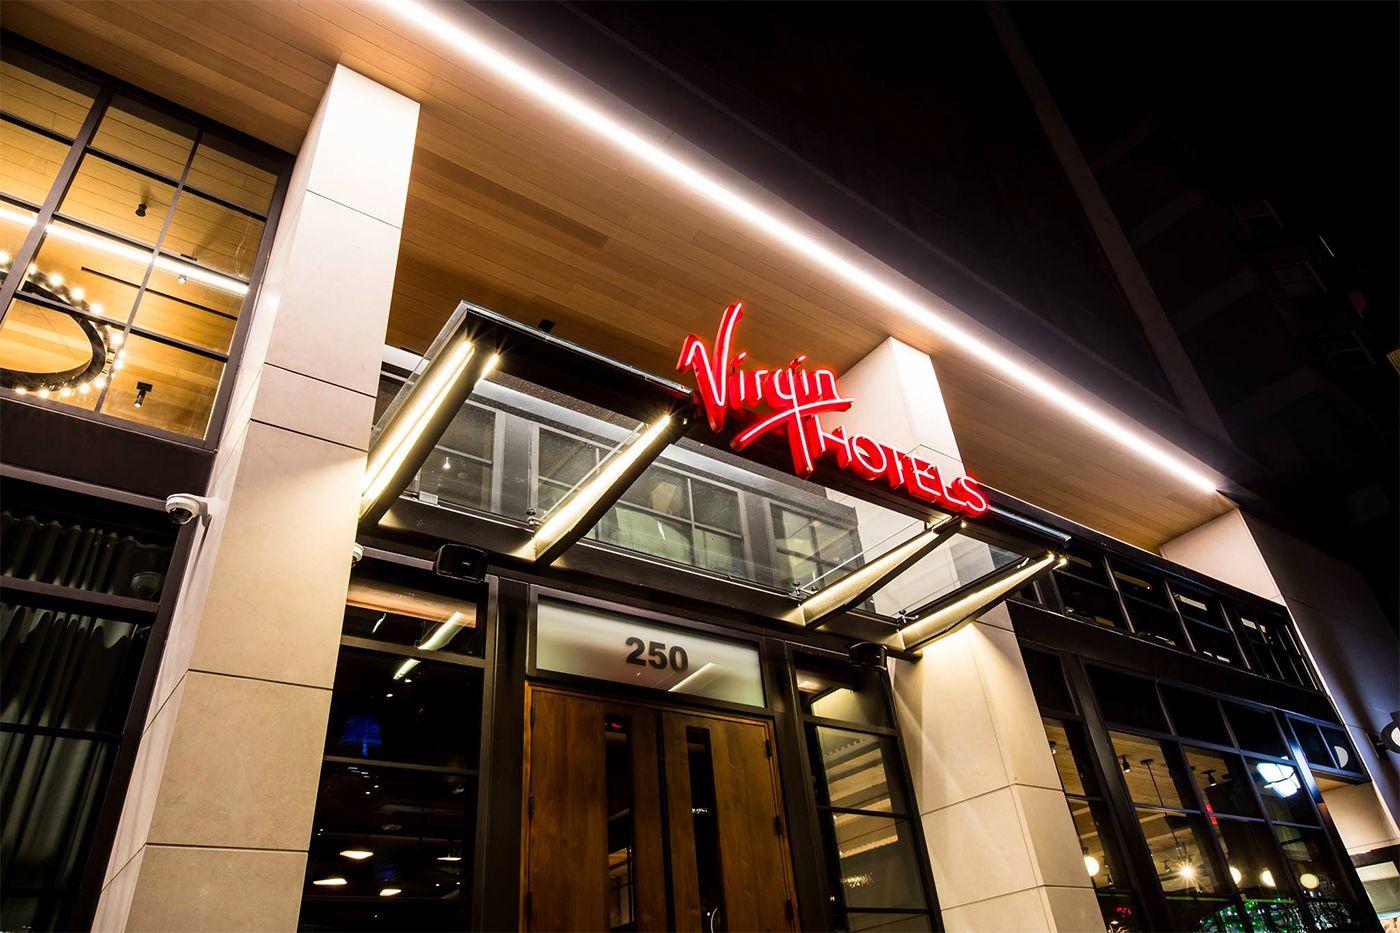 Virgin hotel front